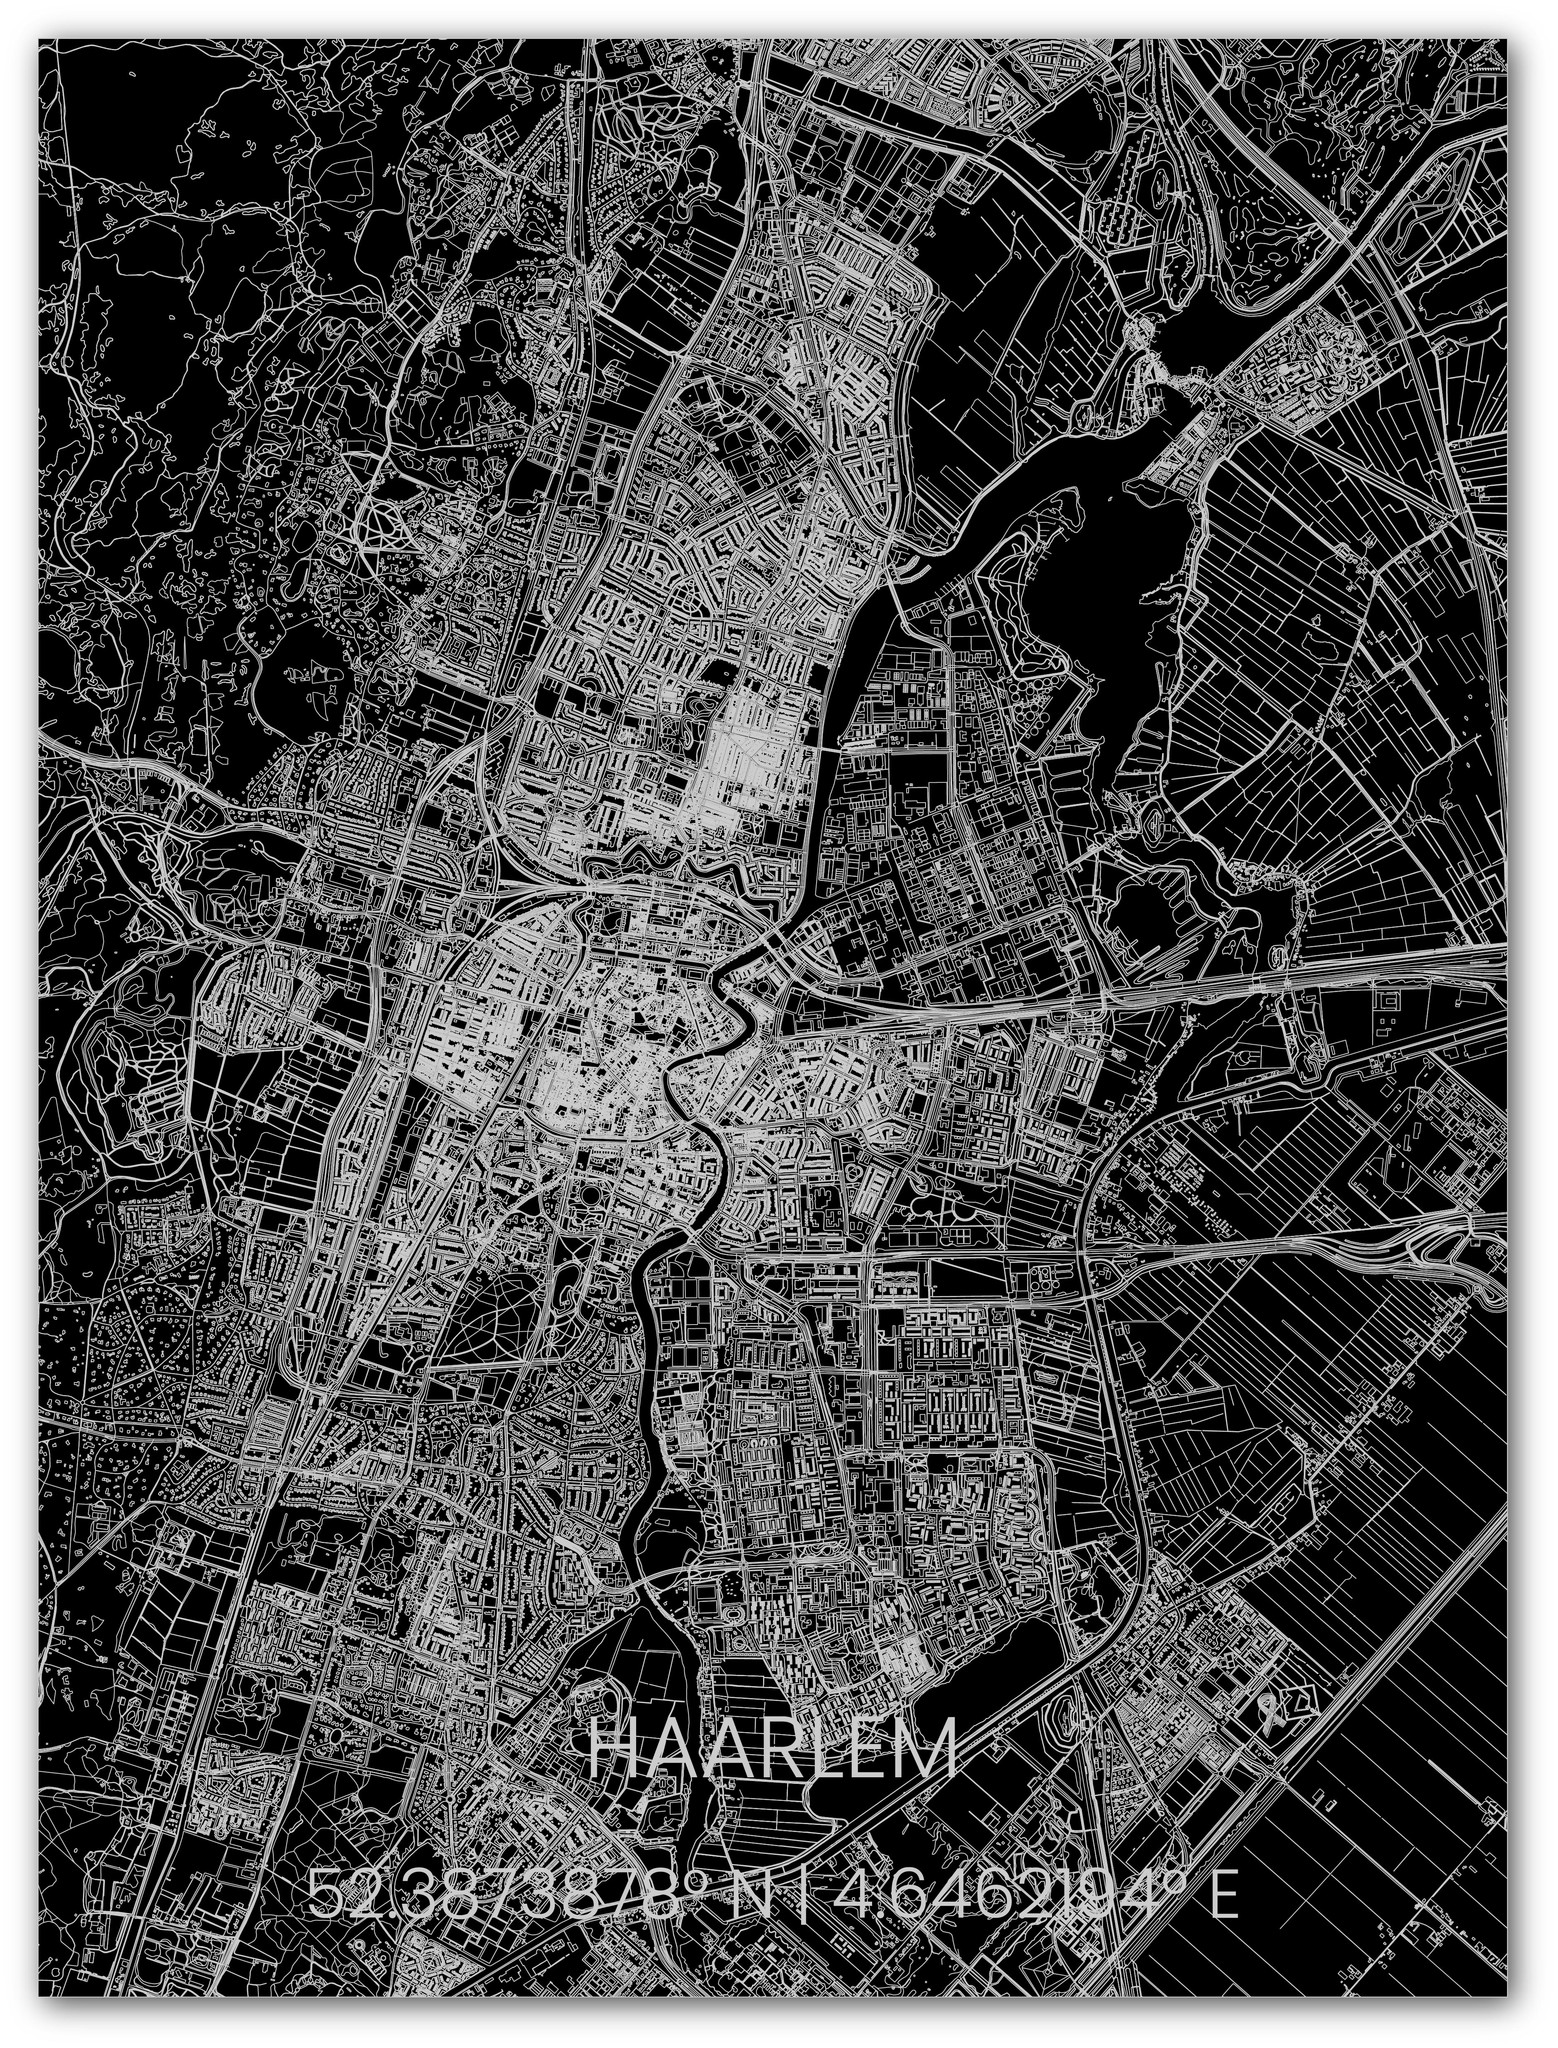 Metalen stadsplattegrond Haarlem-1